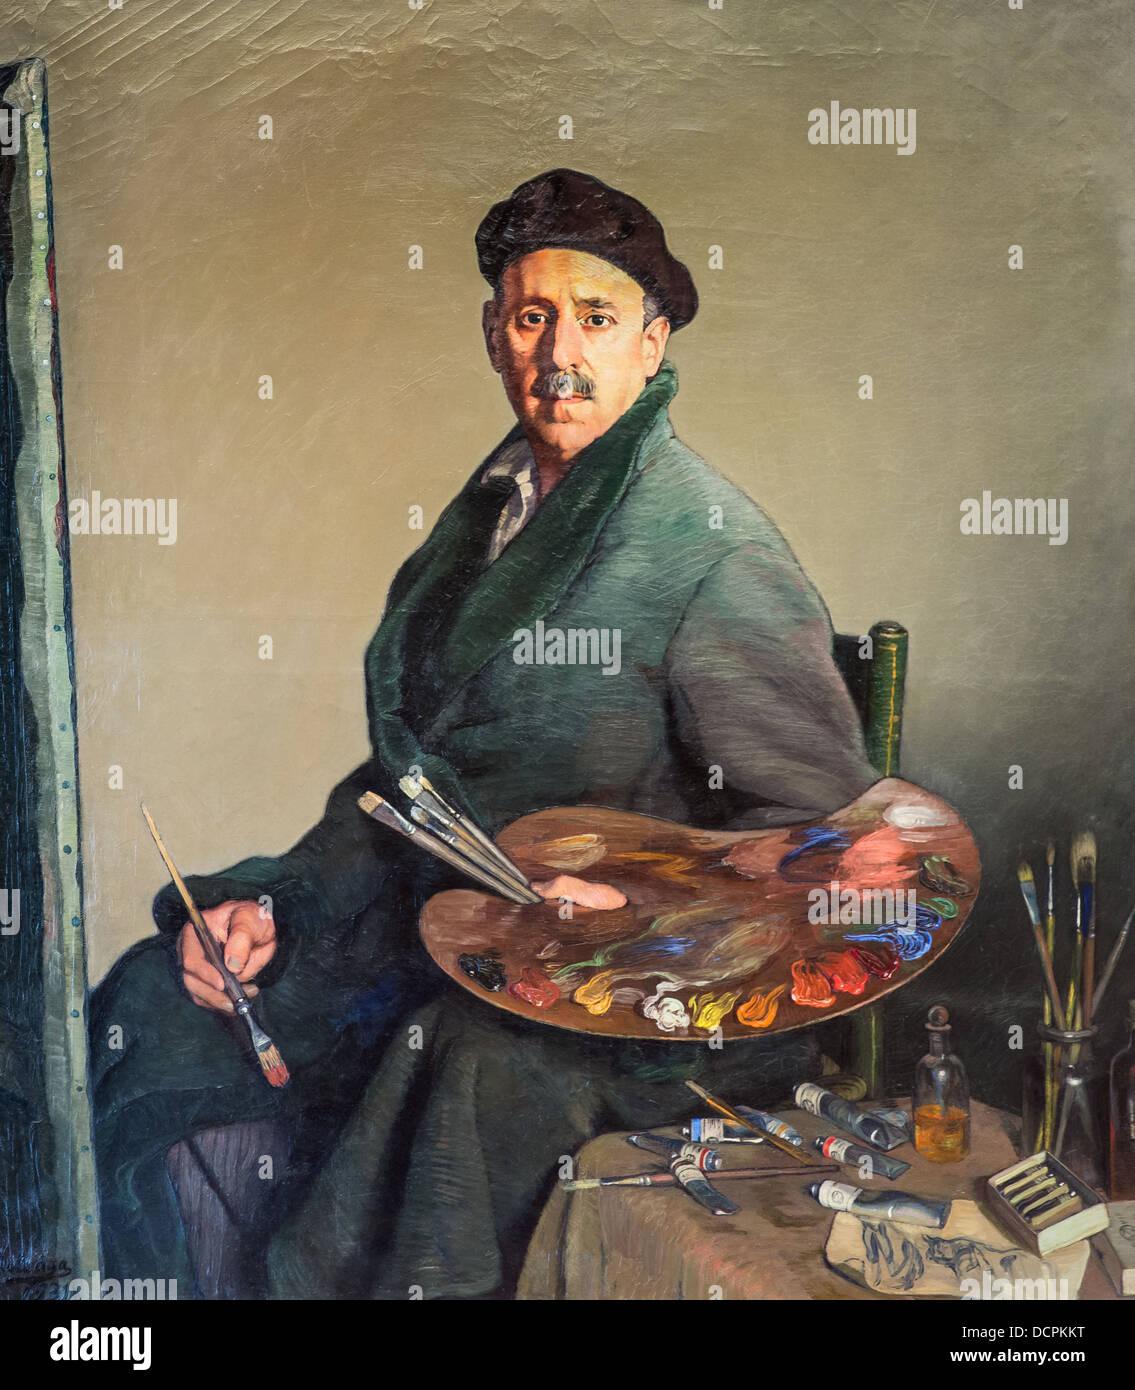 20th century  -  Self-portrait, 1931 - Ignacio Zuloaga Philippe Sauvan-Magnet / Active Museum - Stock Image